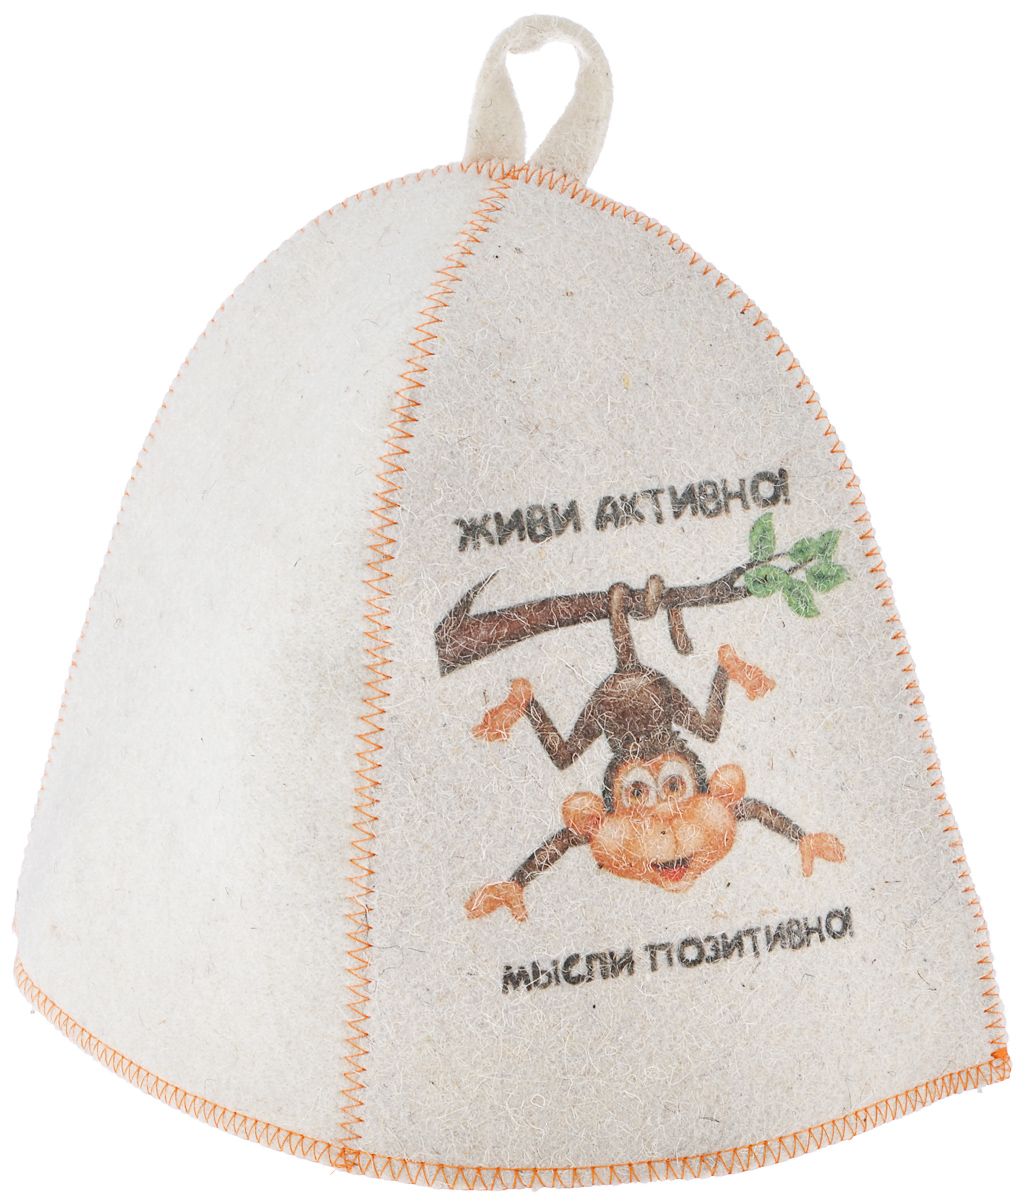 Шапка банная Живи активно, мысли позитивно!, войлок, цвет: белыйZ3637Банная шапка Живи активно, мысли позитивно! изготовлена из высококачественного войлока. Банная шапка - это незаменимый аксессуар для любителей попариться в русской бане и для тех, кто предпочитает сухой жар финской бани. К тому же шапка защитит волосы от сухости и ломкости, голову от перегрева и предотвратит появление головокружения. На шапке имеется петелька, с помощью которой ее можно повесить на крючок в предбаннике. Такая шапка станет отличным подарком для любителей отдыха в бане или сауне.Диаметр шапки: 70 см.Высота шапки: 24 см.